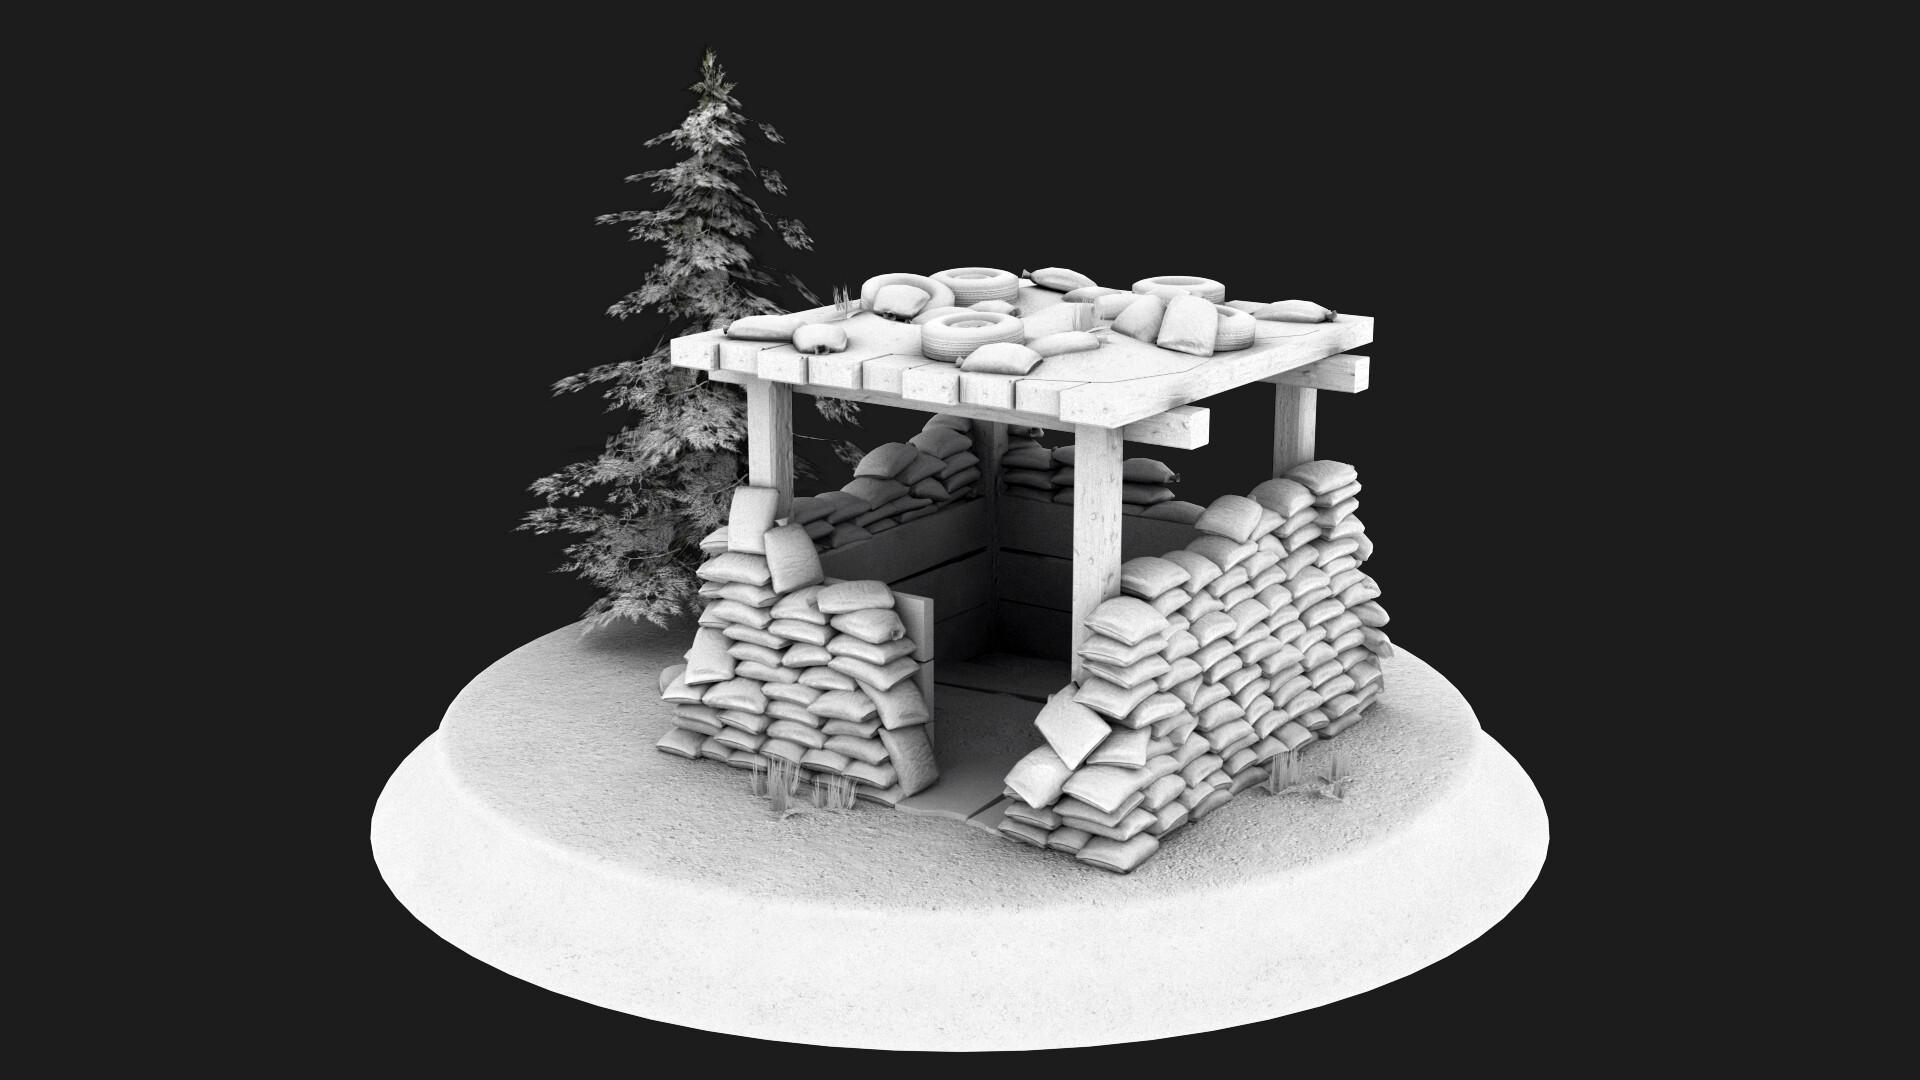 Jordan cameron sandbag bunker 8